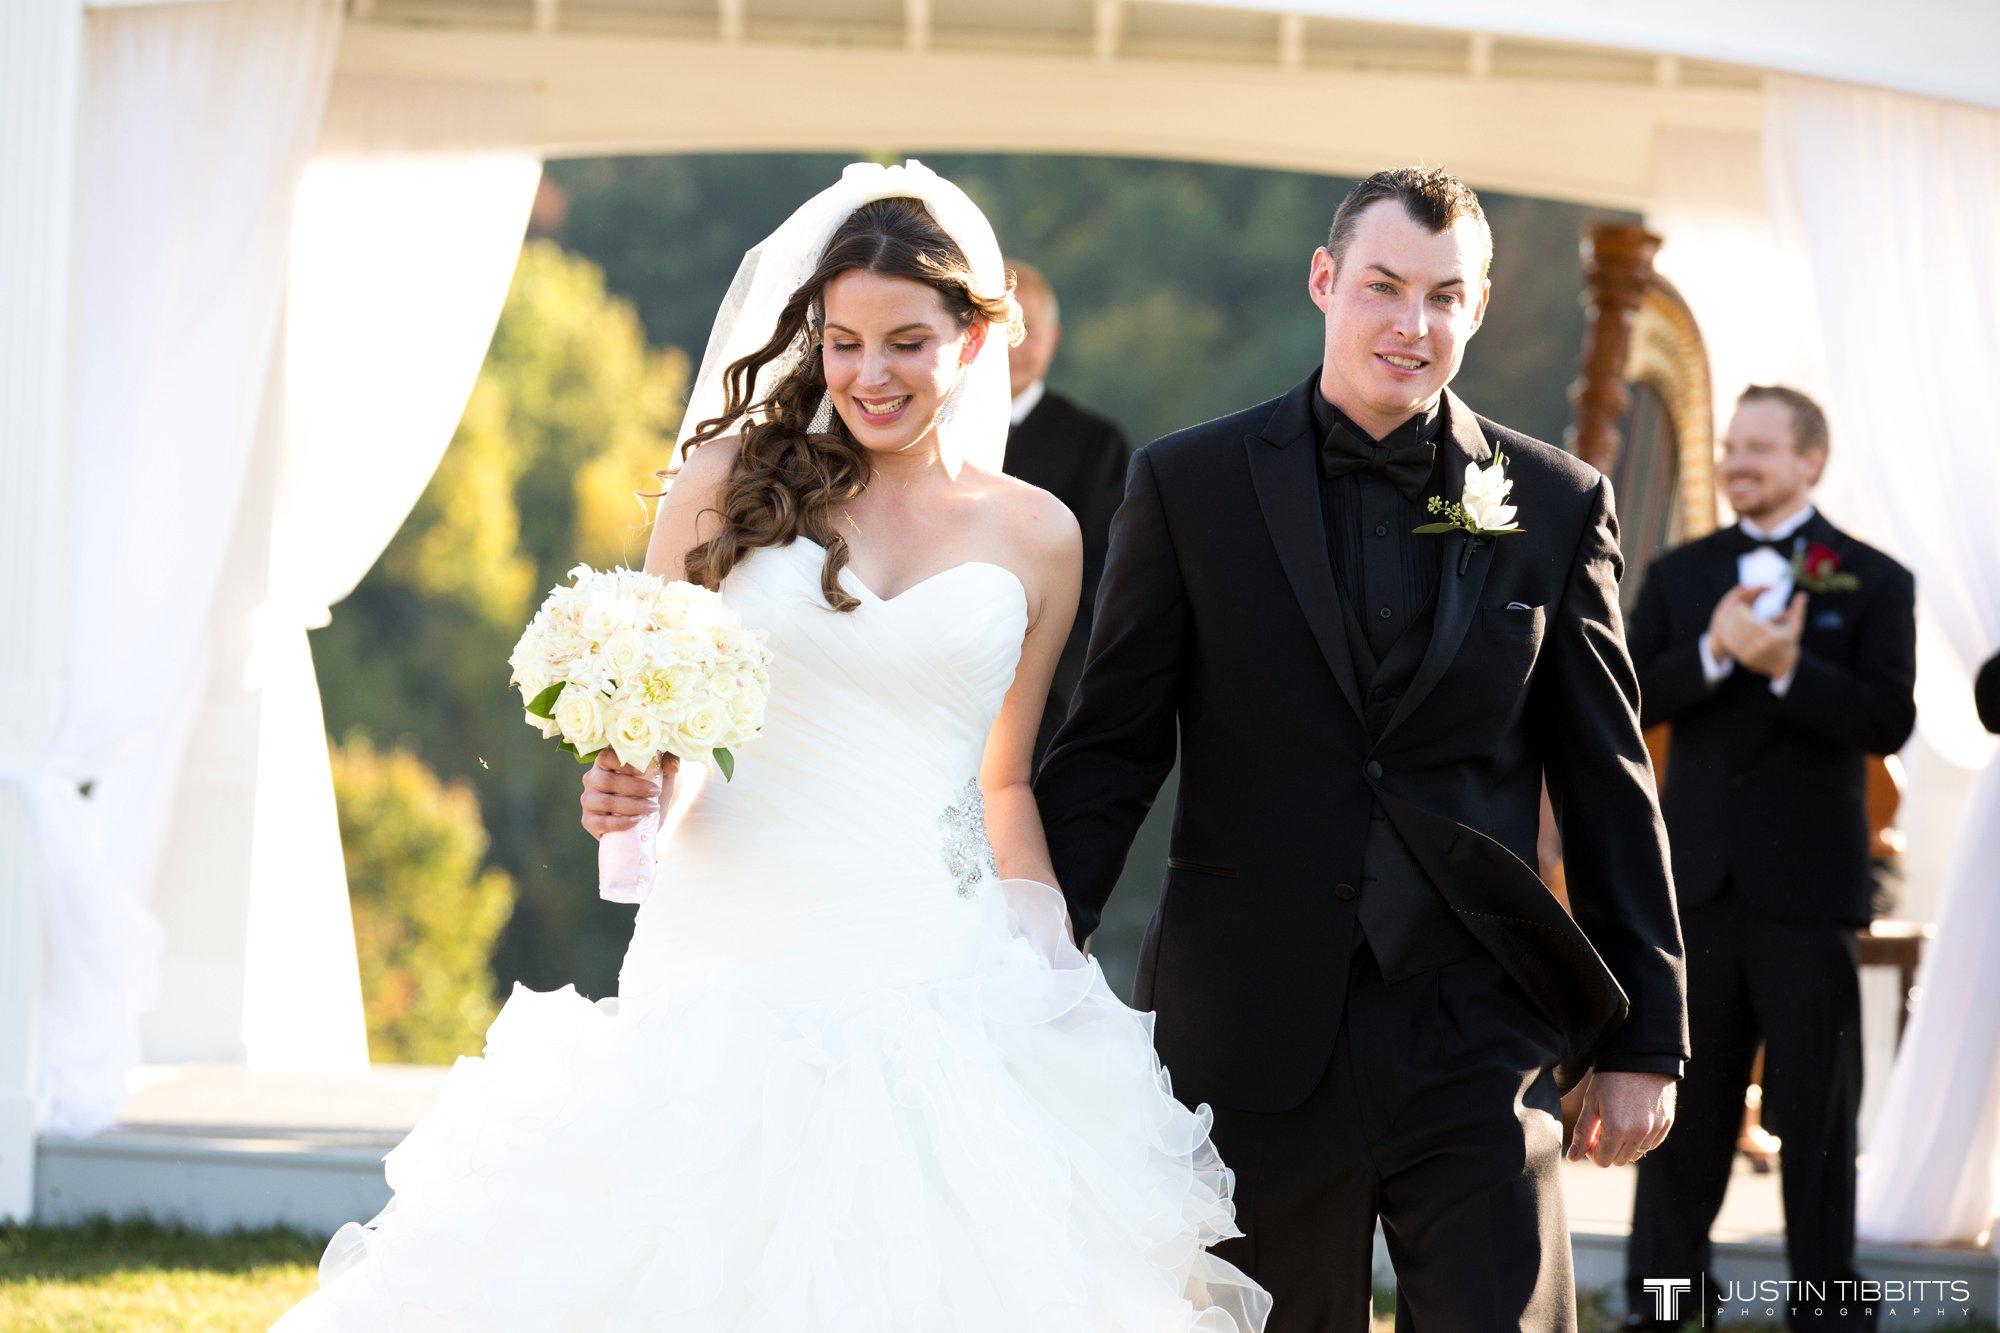 Albany NY Wedding Photographer Justin Tibbitts Photography 2014 Best of Albany NY Weddings-1743630443